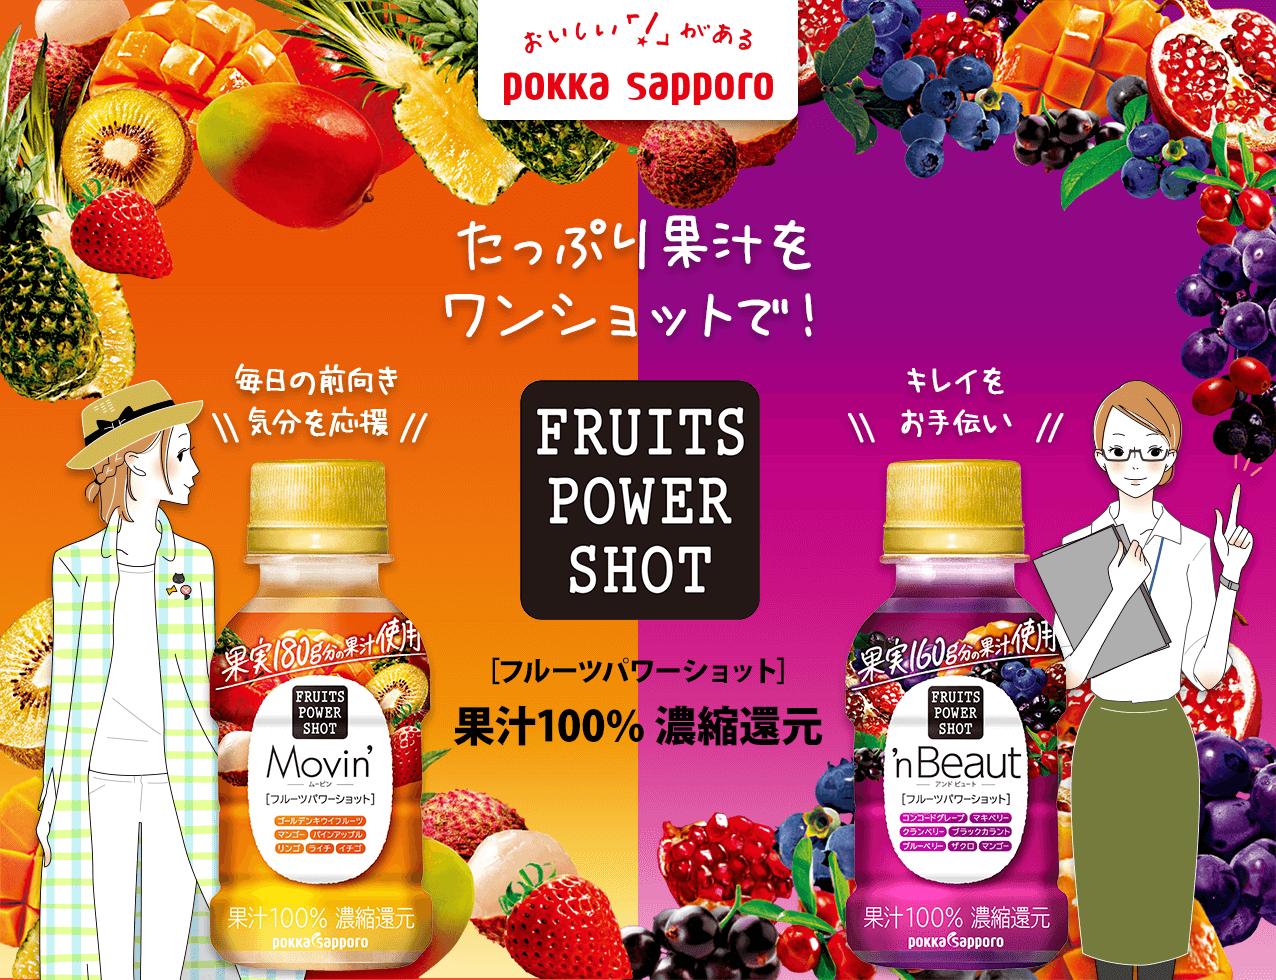 たっぷり果汁をワンショットで! [フルーツパワーショット]果汁100% 濃縮還元